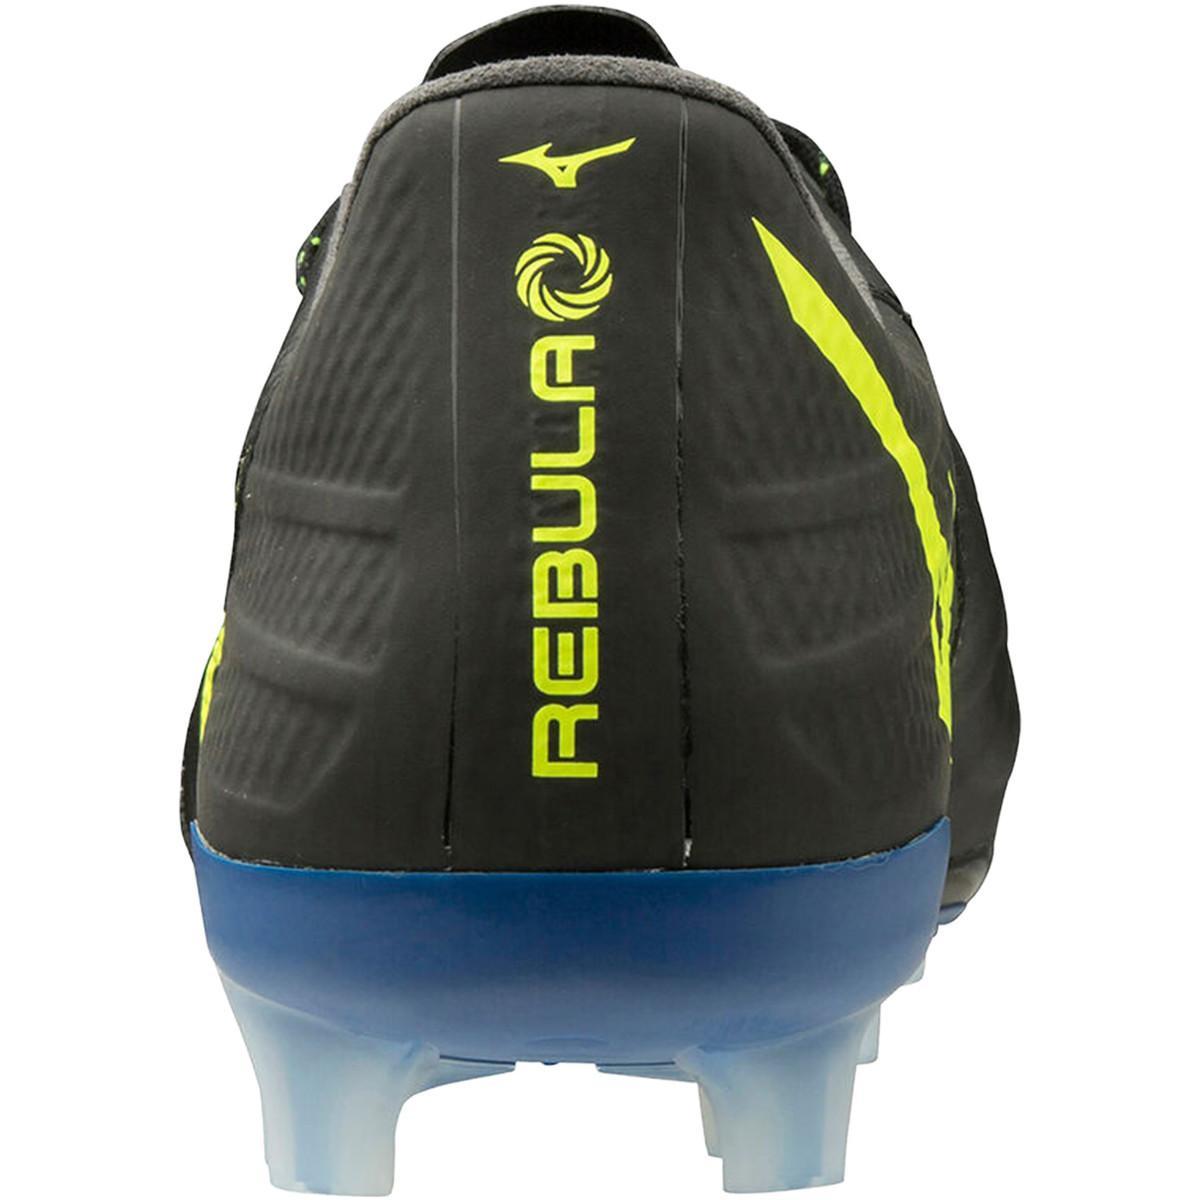 Rebula 3 Elite FG Chaussures de foot Mizuno pour homme en coloris Noir